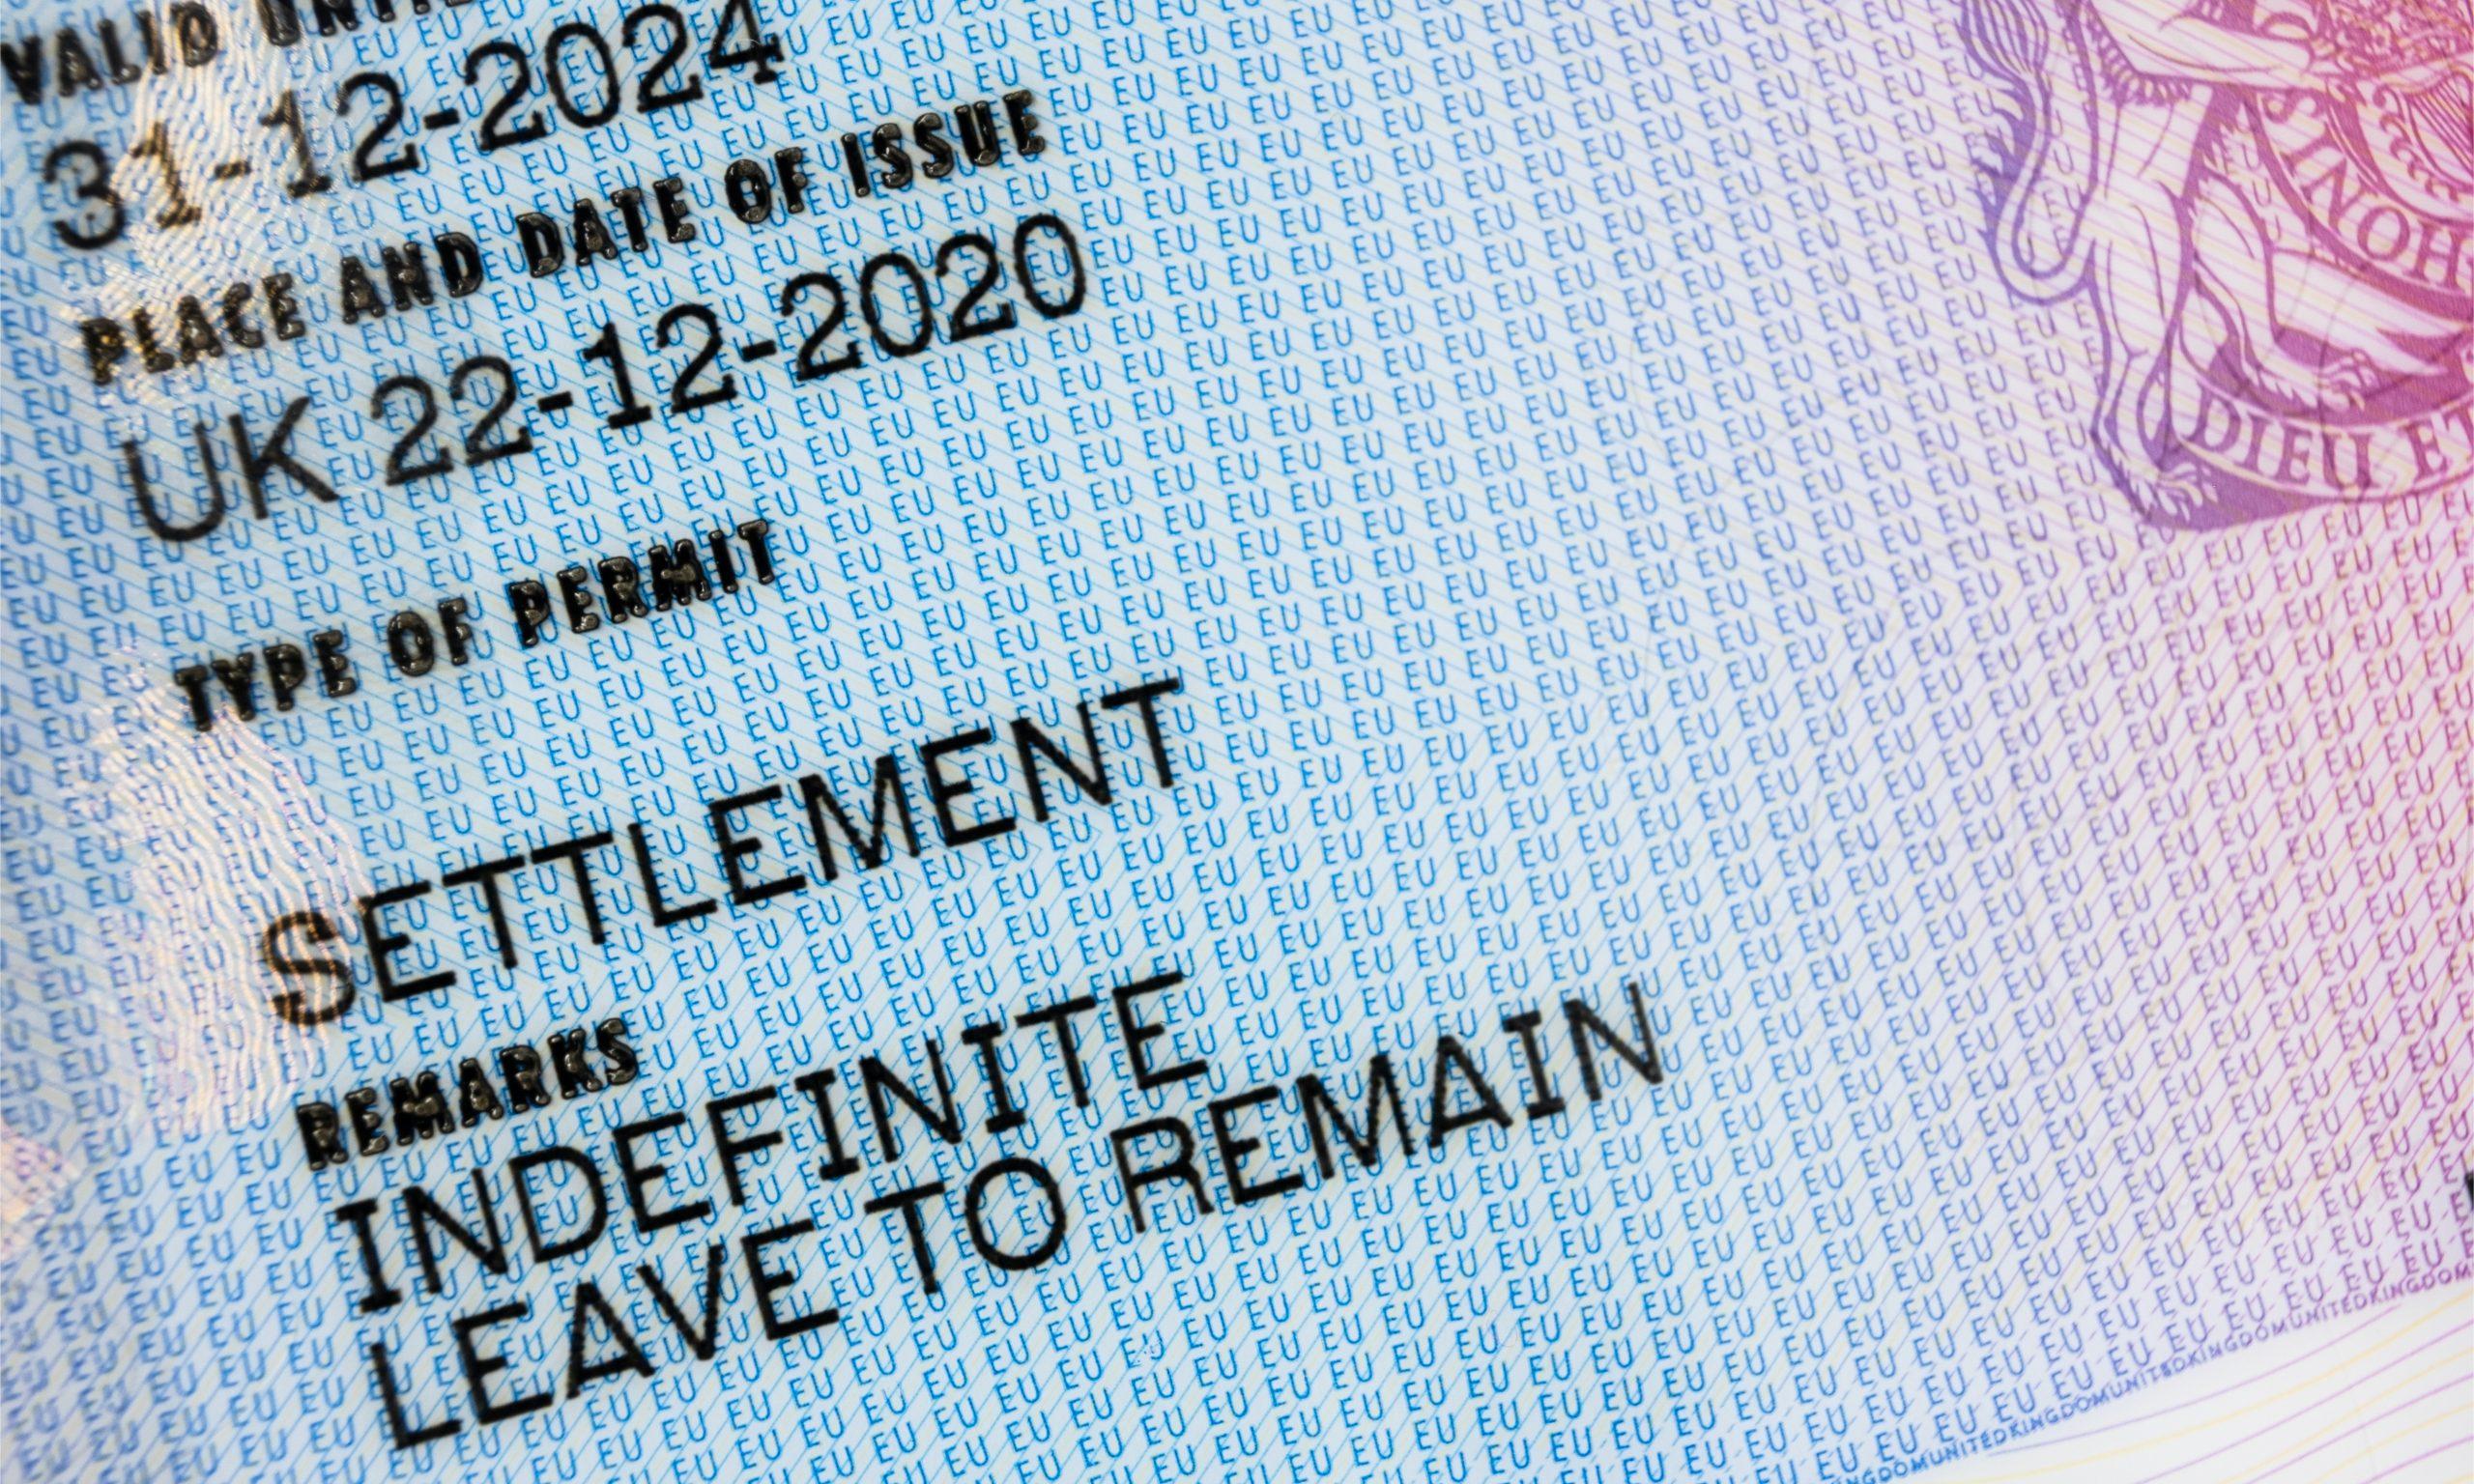 متطلبات الإقامة الدائمة في بريطانيا بموجب برنامج تأسيس فرع شركة أجنبية في بريطانيا